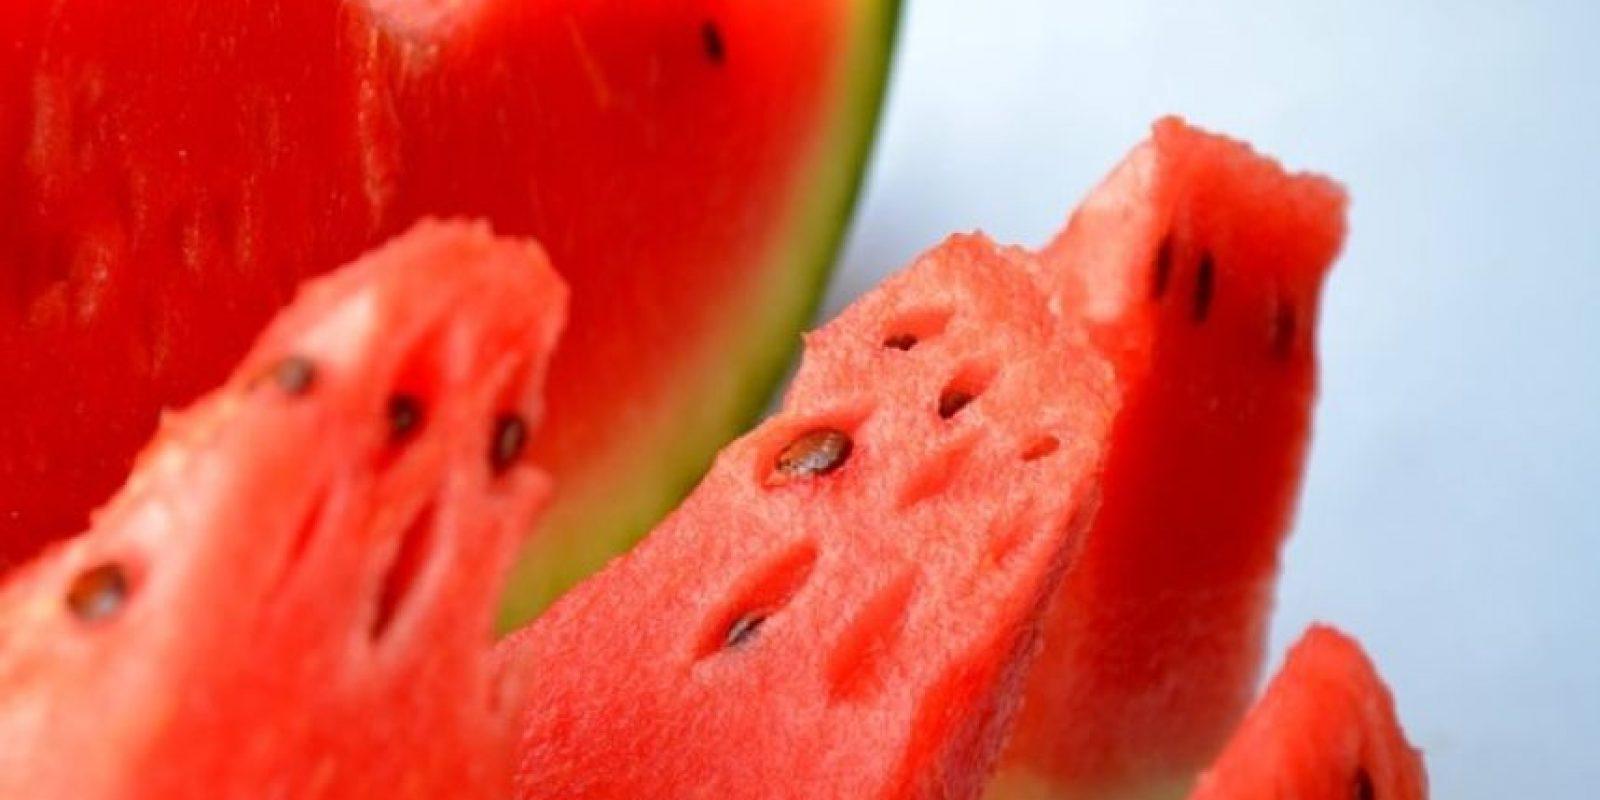 3. Científicos de Texas, Estados Unidos han demostrado que comer sandía puede tener efectos similares a los del viagra. Foto:Pixabay